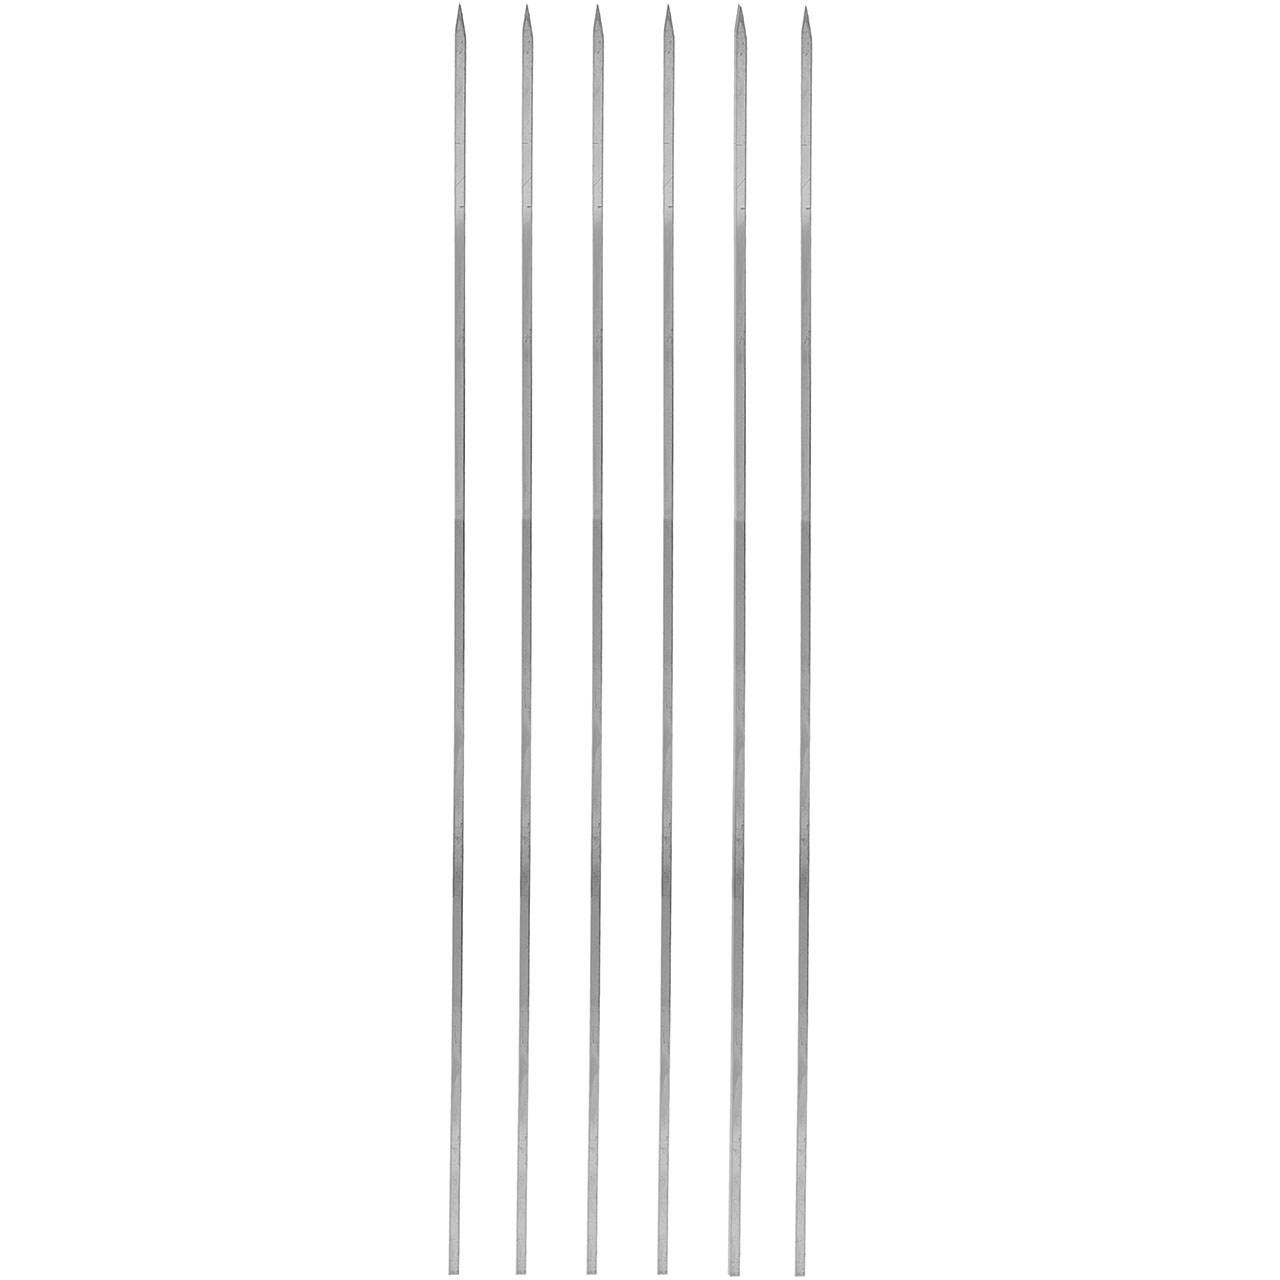 سیخ استیل جگر مدل ساده بسته 6 عددی